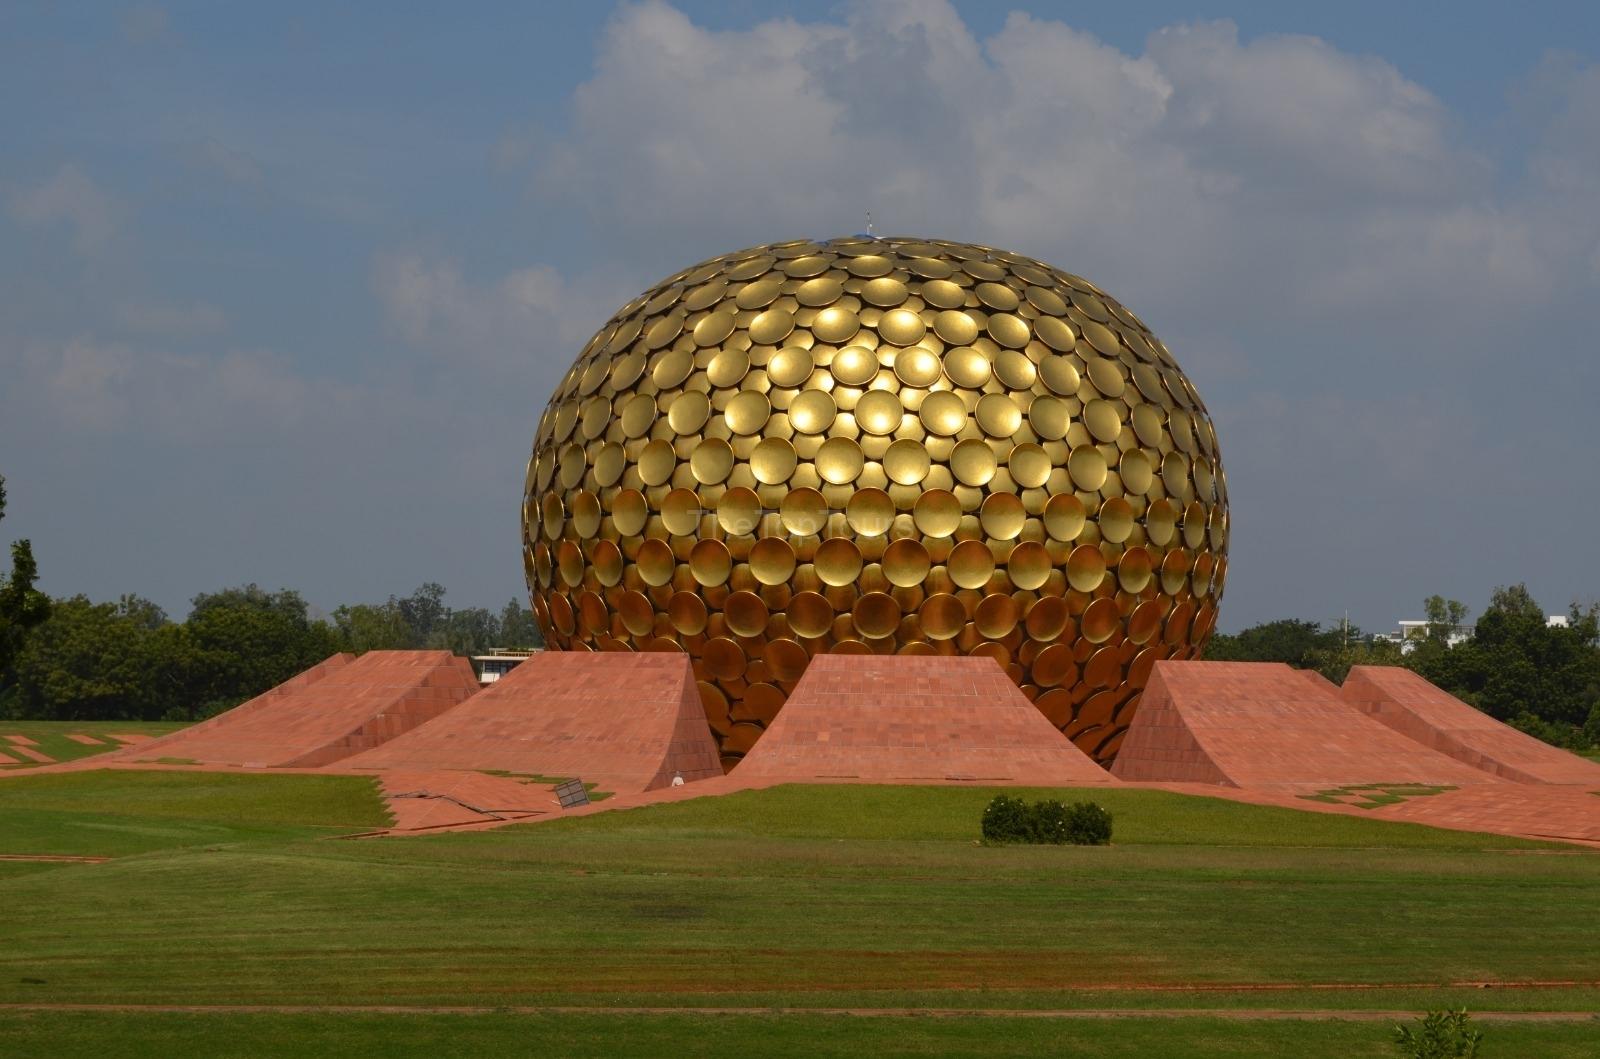 auroville-in-viluppuram-puducherry-tamil-nadu